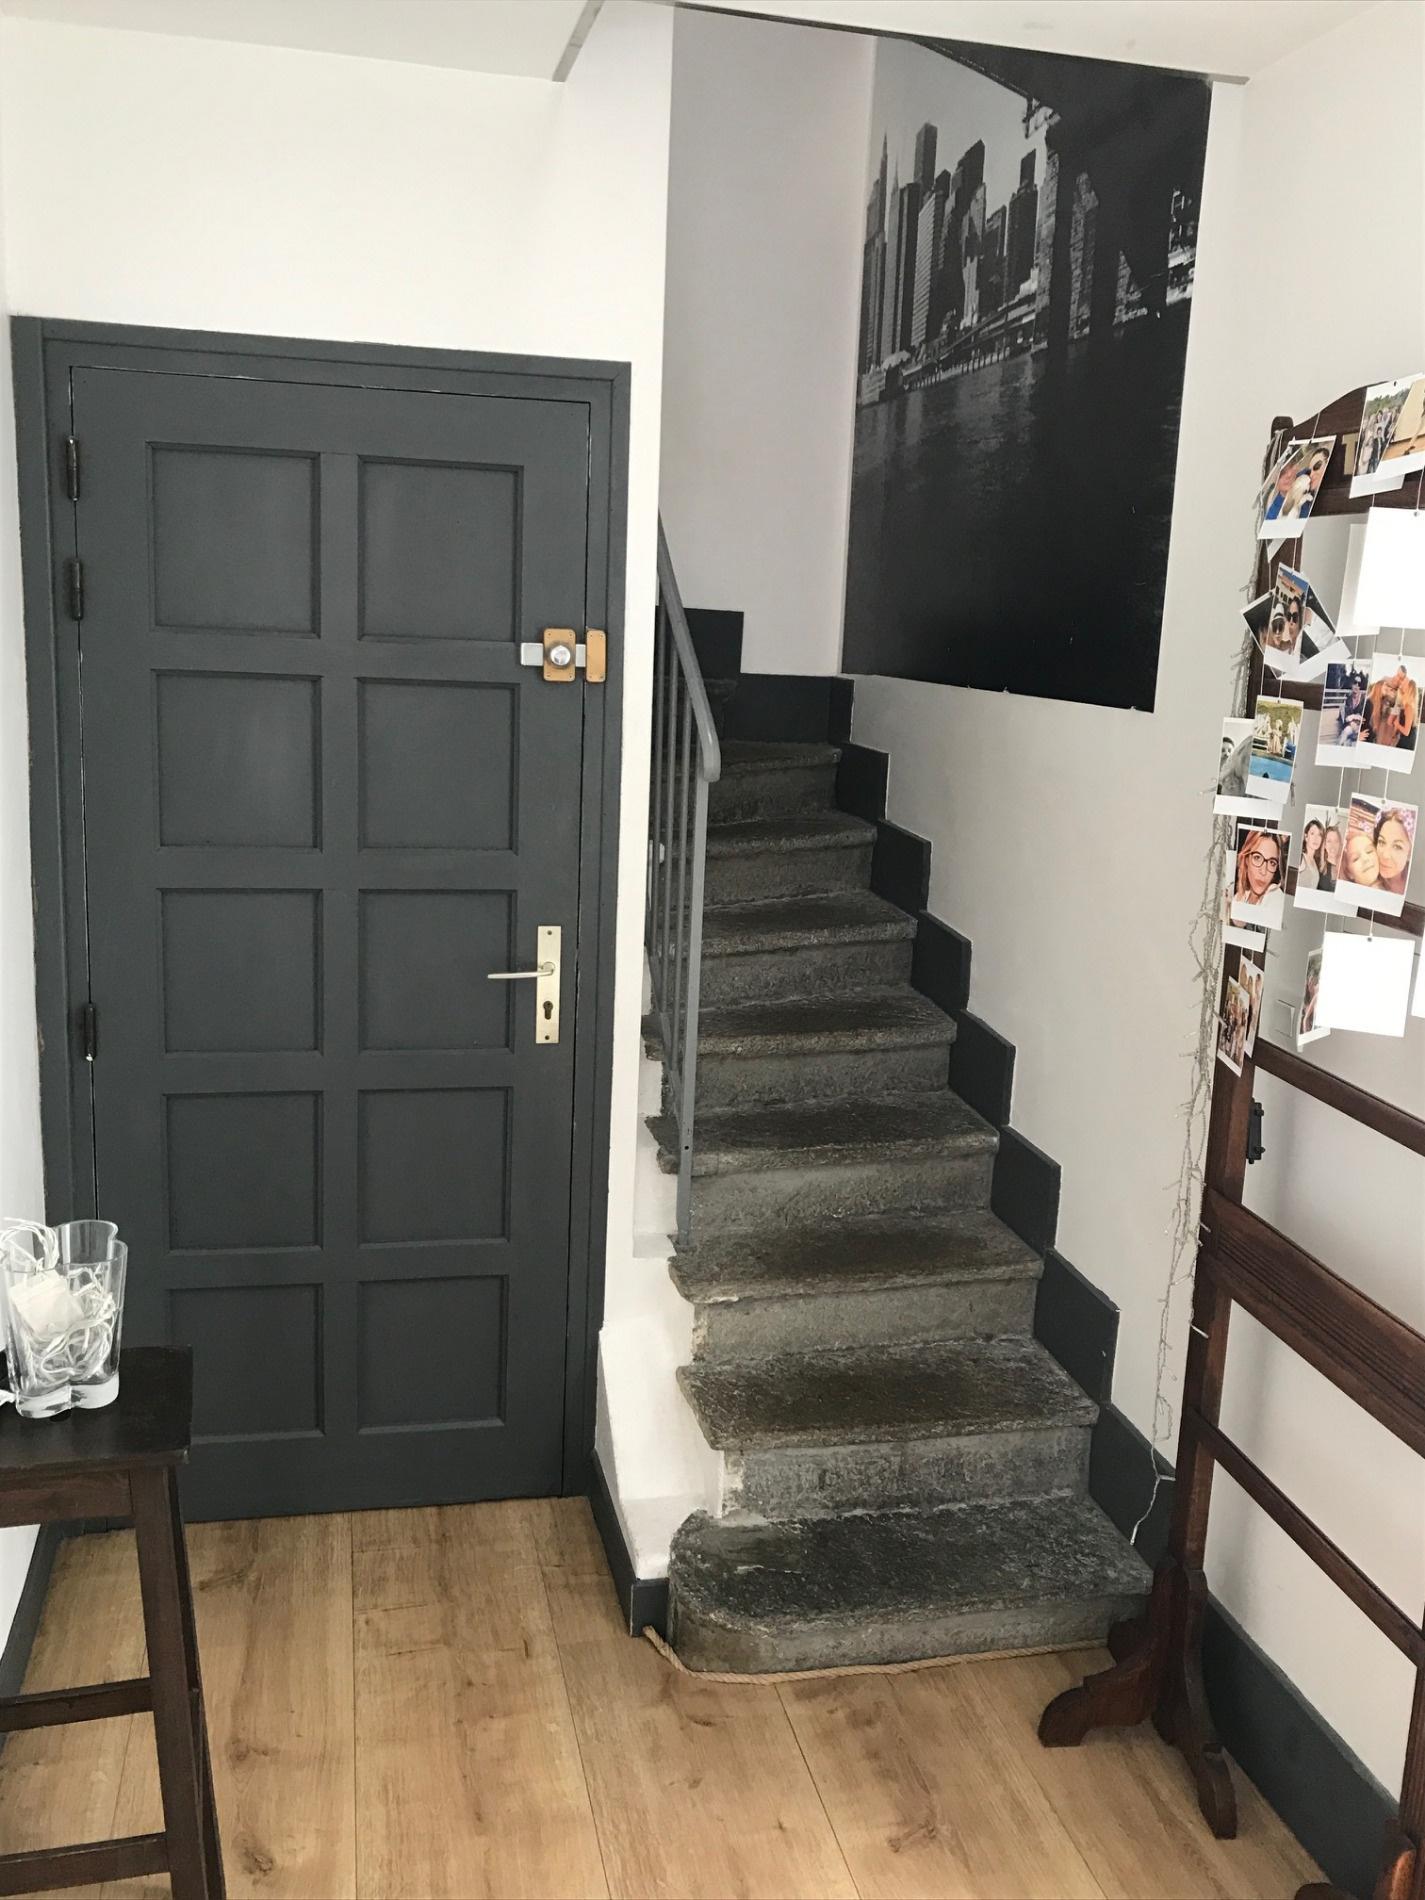 vente vente appartement aix les bains. Black Bedroom Furniture Sets. Home Design Ideas